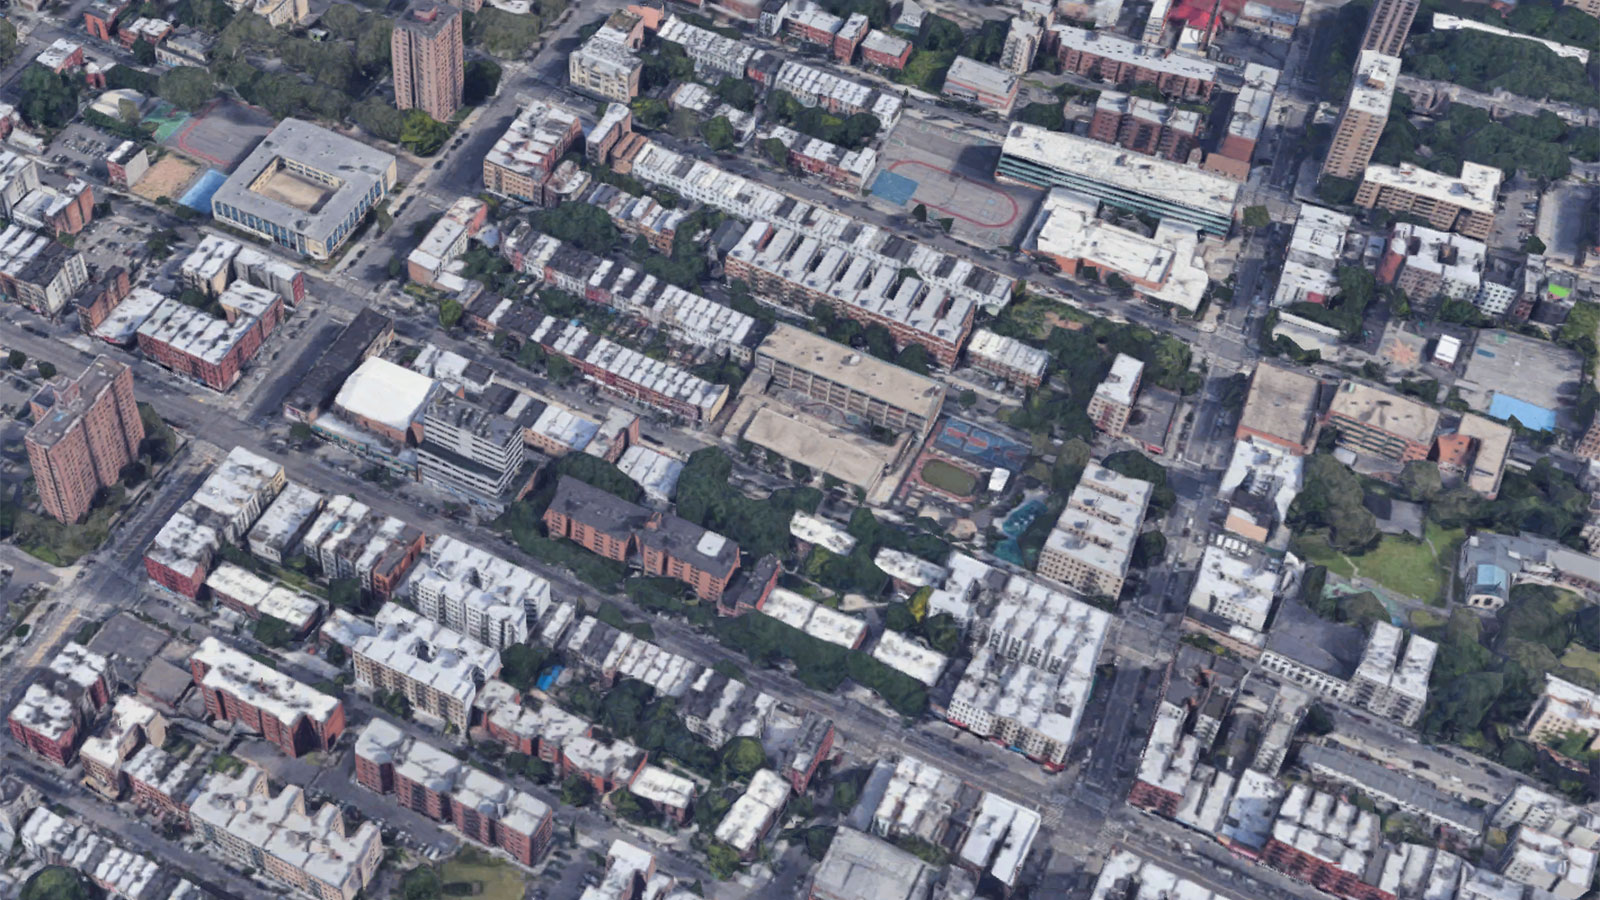 نمای هوایی سقف های سفید در برانکس جنوبی ، نیویورک